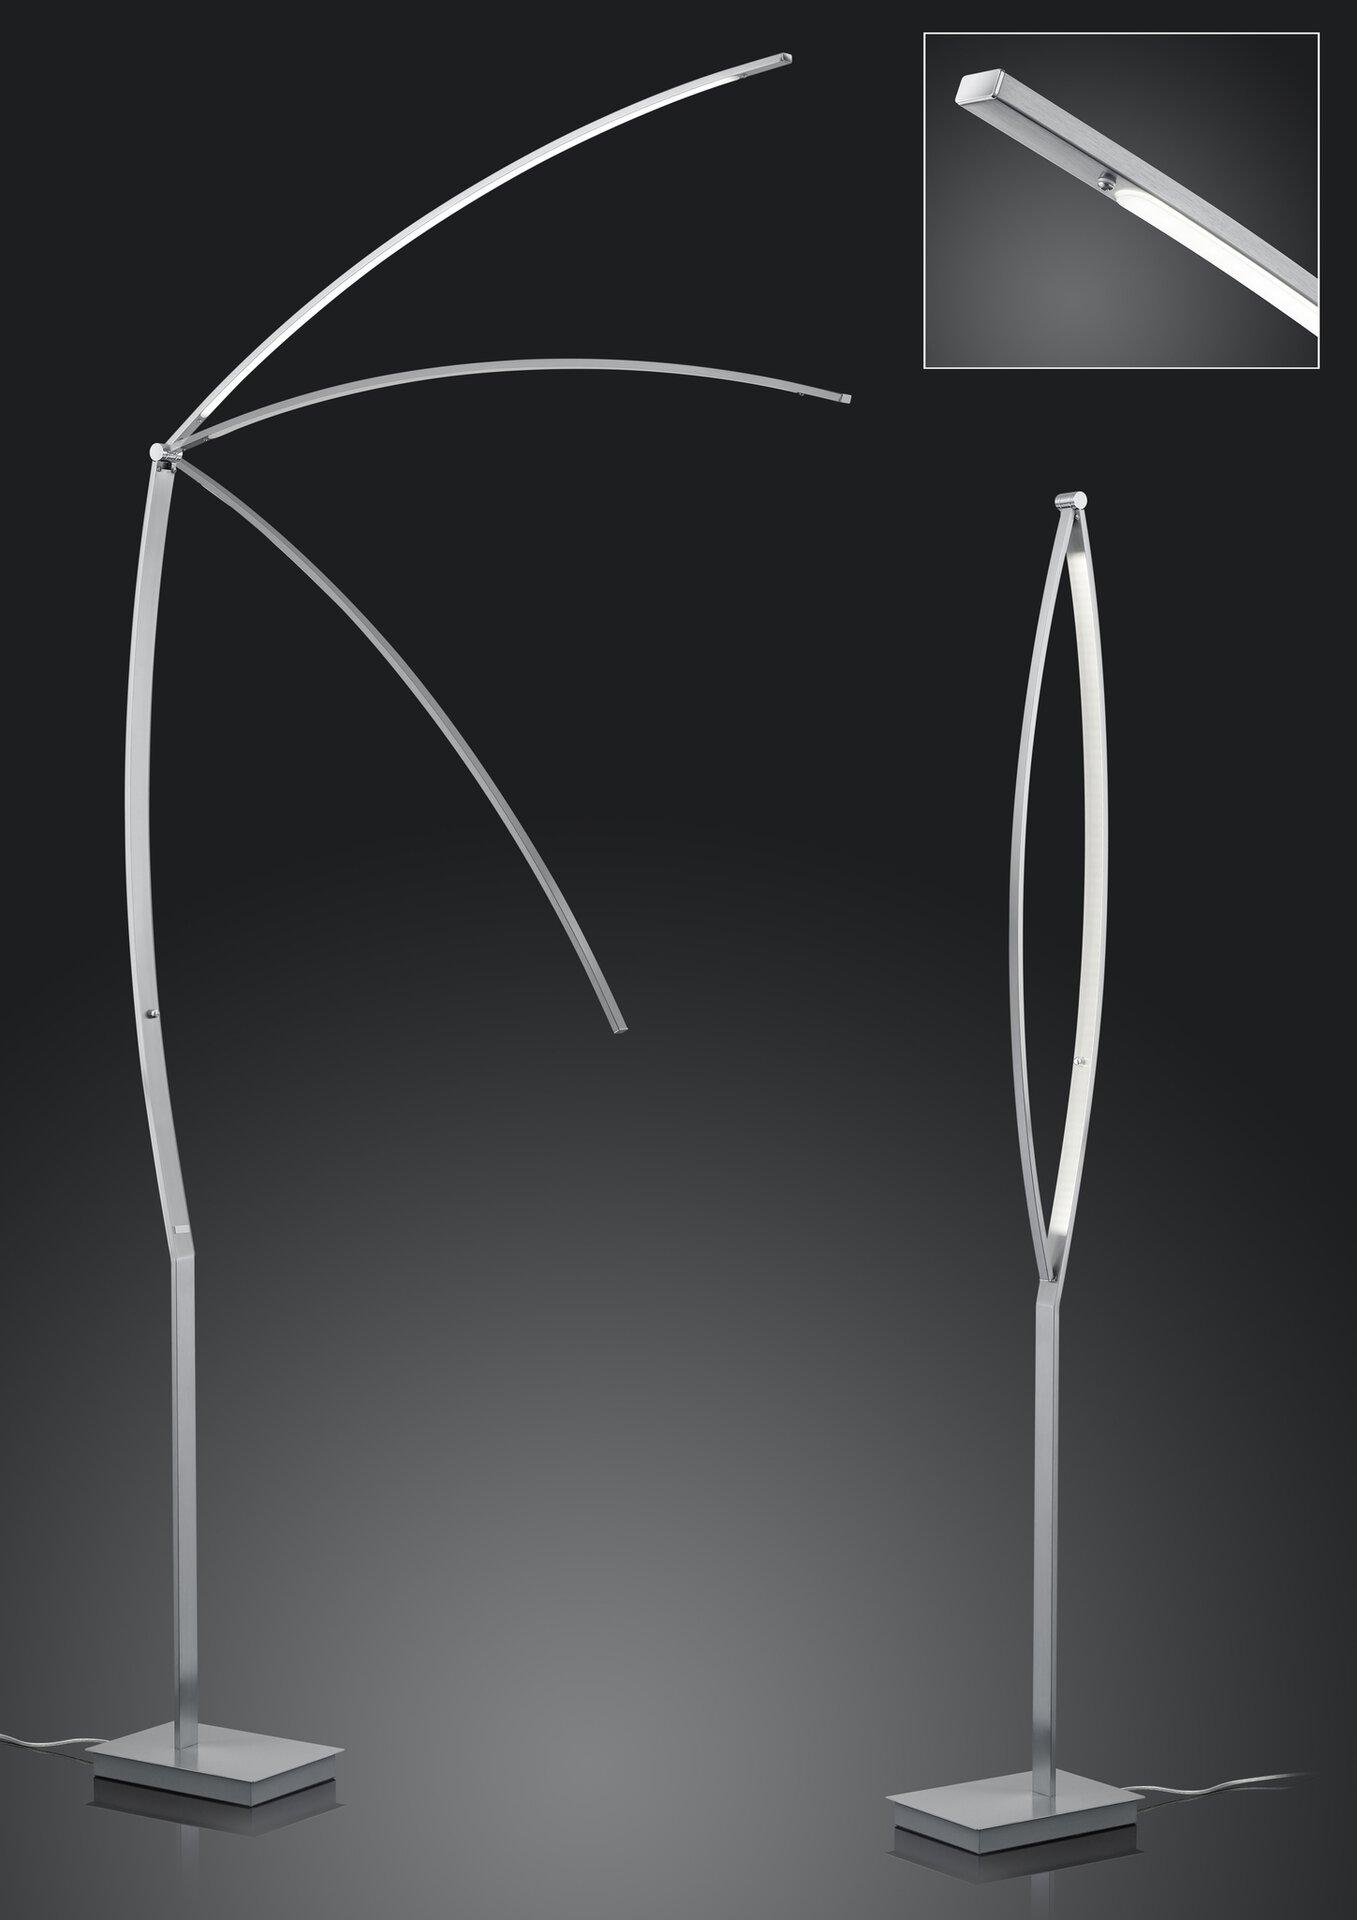 Stehleuchte Tree B-Leuchten Metall silber 20 x 180 x 30 cm